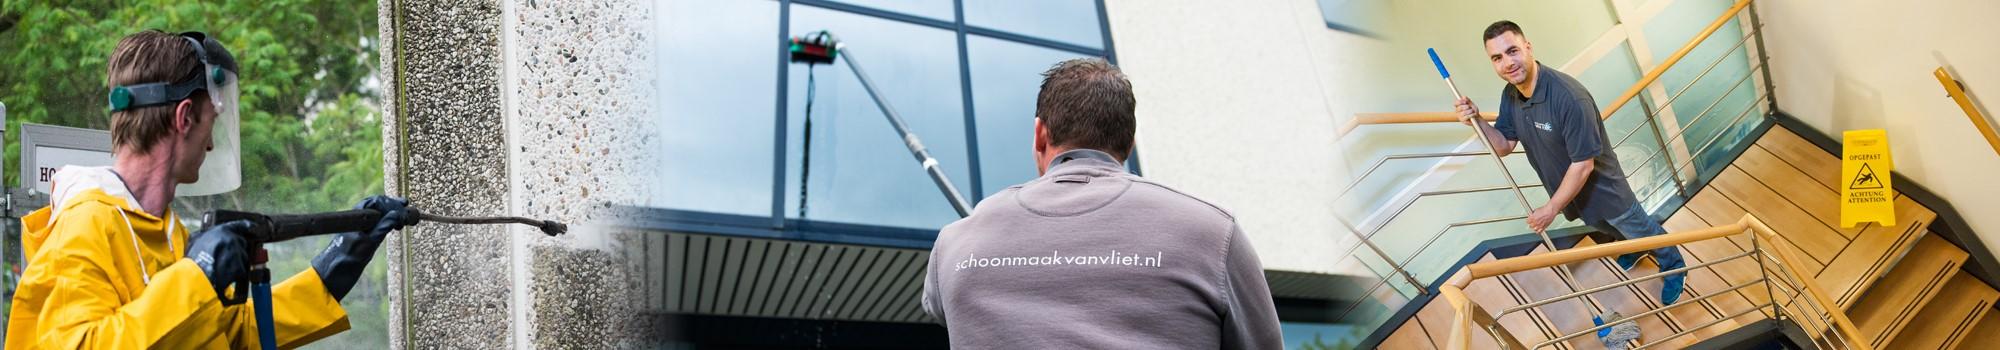 Schoonmaakdiensten Van Vliet B.V.